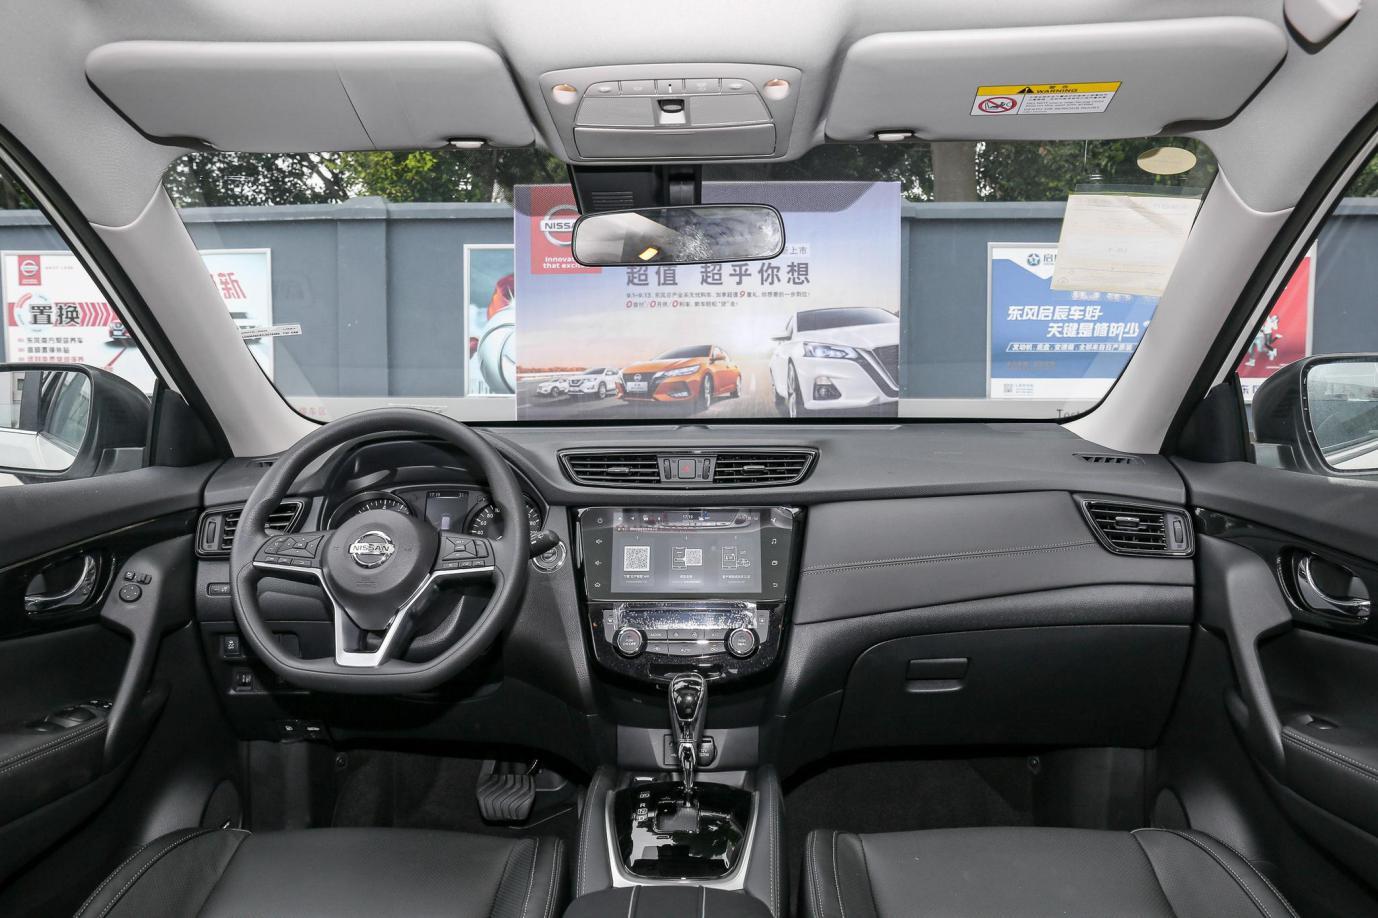 预算20万买SUV,可考虑这三款合资车,性价比很高